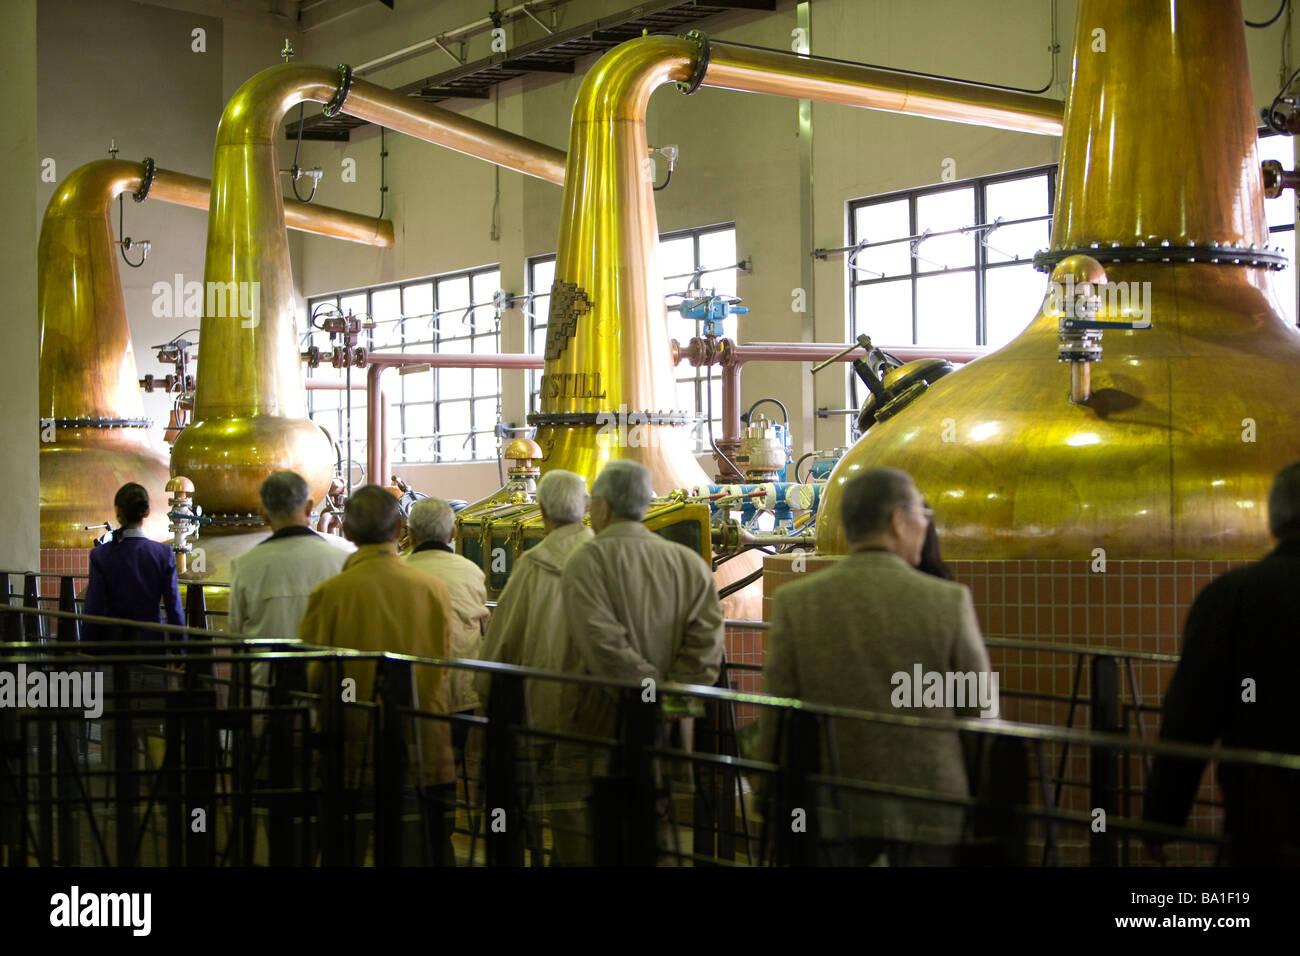 Suntory Yamazaki distillery Yamazaki Japan Friday 3rd April 2009 - Stock Image